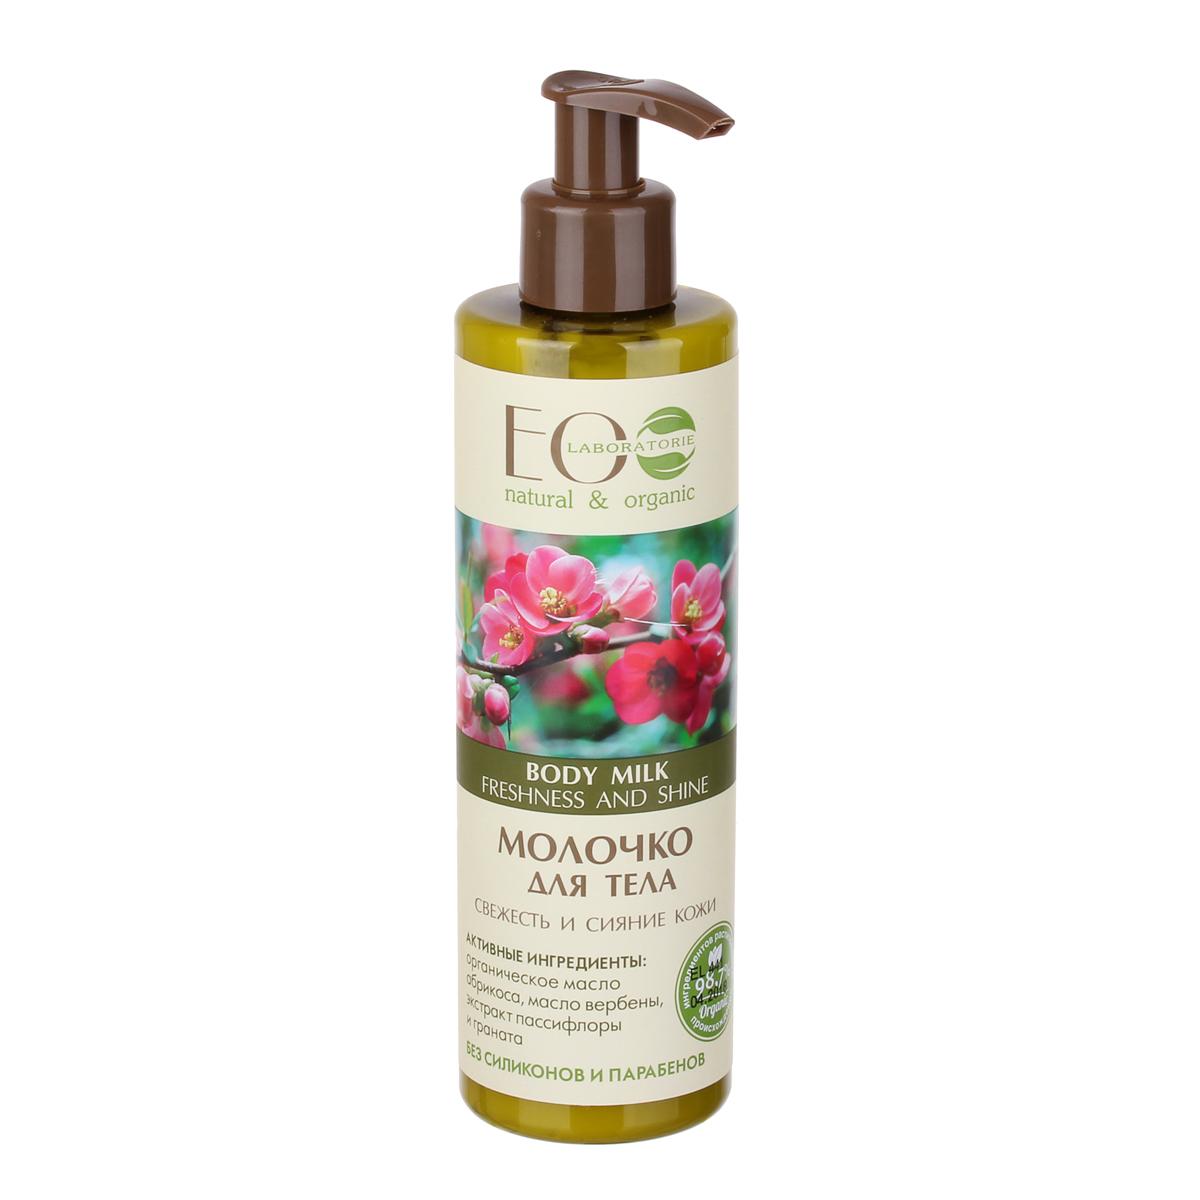 EcoLab ЭкоЛаб Молочко для тела Свежесть 250 мл4047-6Увлажняет, смягчает кожу, делает её шелковистой, препятствует обезвоживанию, итает и успокаивает кожу, оставляя ощущение свежести и увлажненности. Активные ингредиенты: органическое масло абрикоса, экстракт граната, масло абрикоса, масло вербены, экстракт пассифлоры и граната